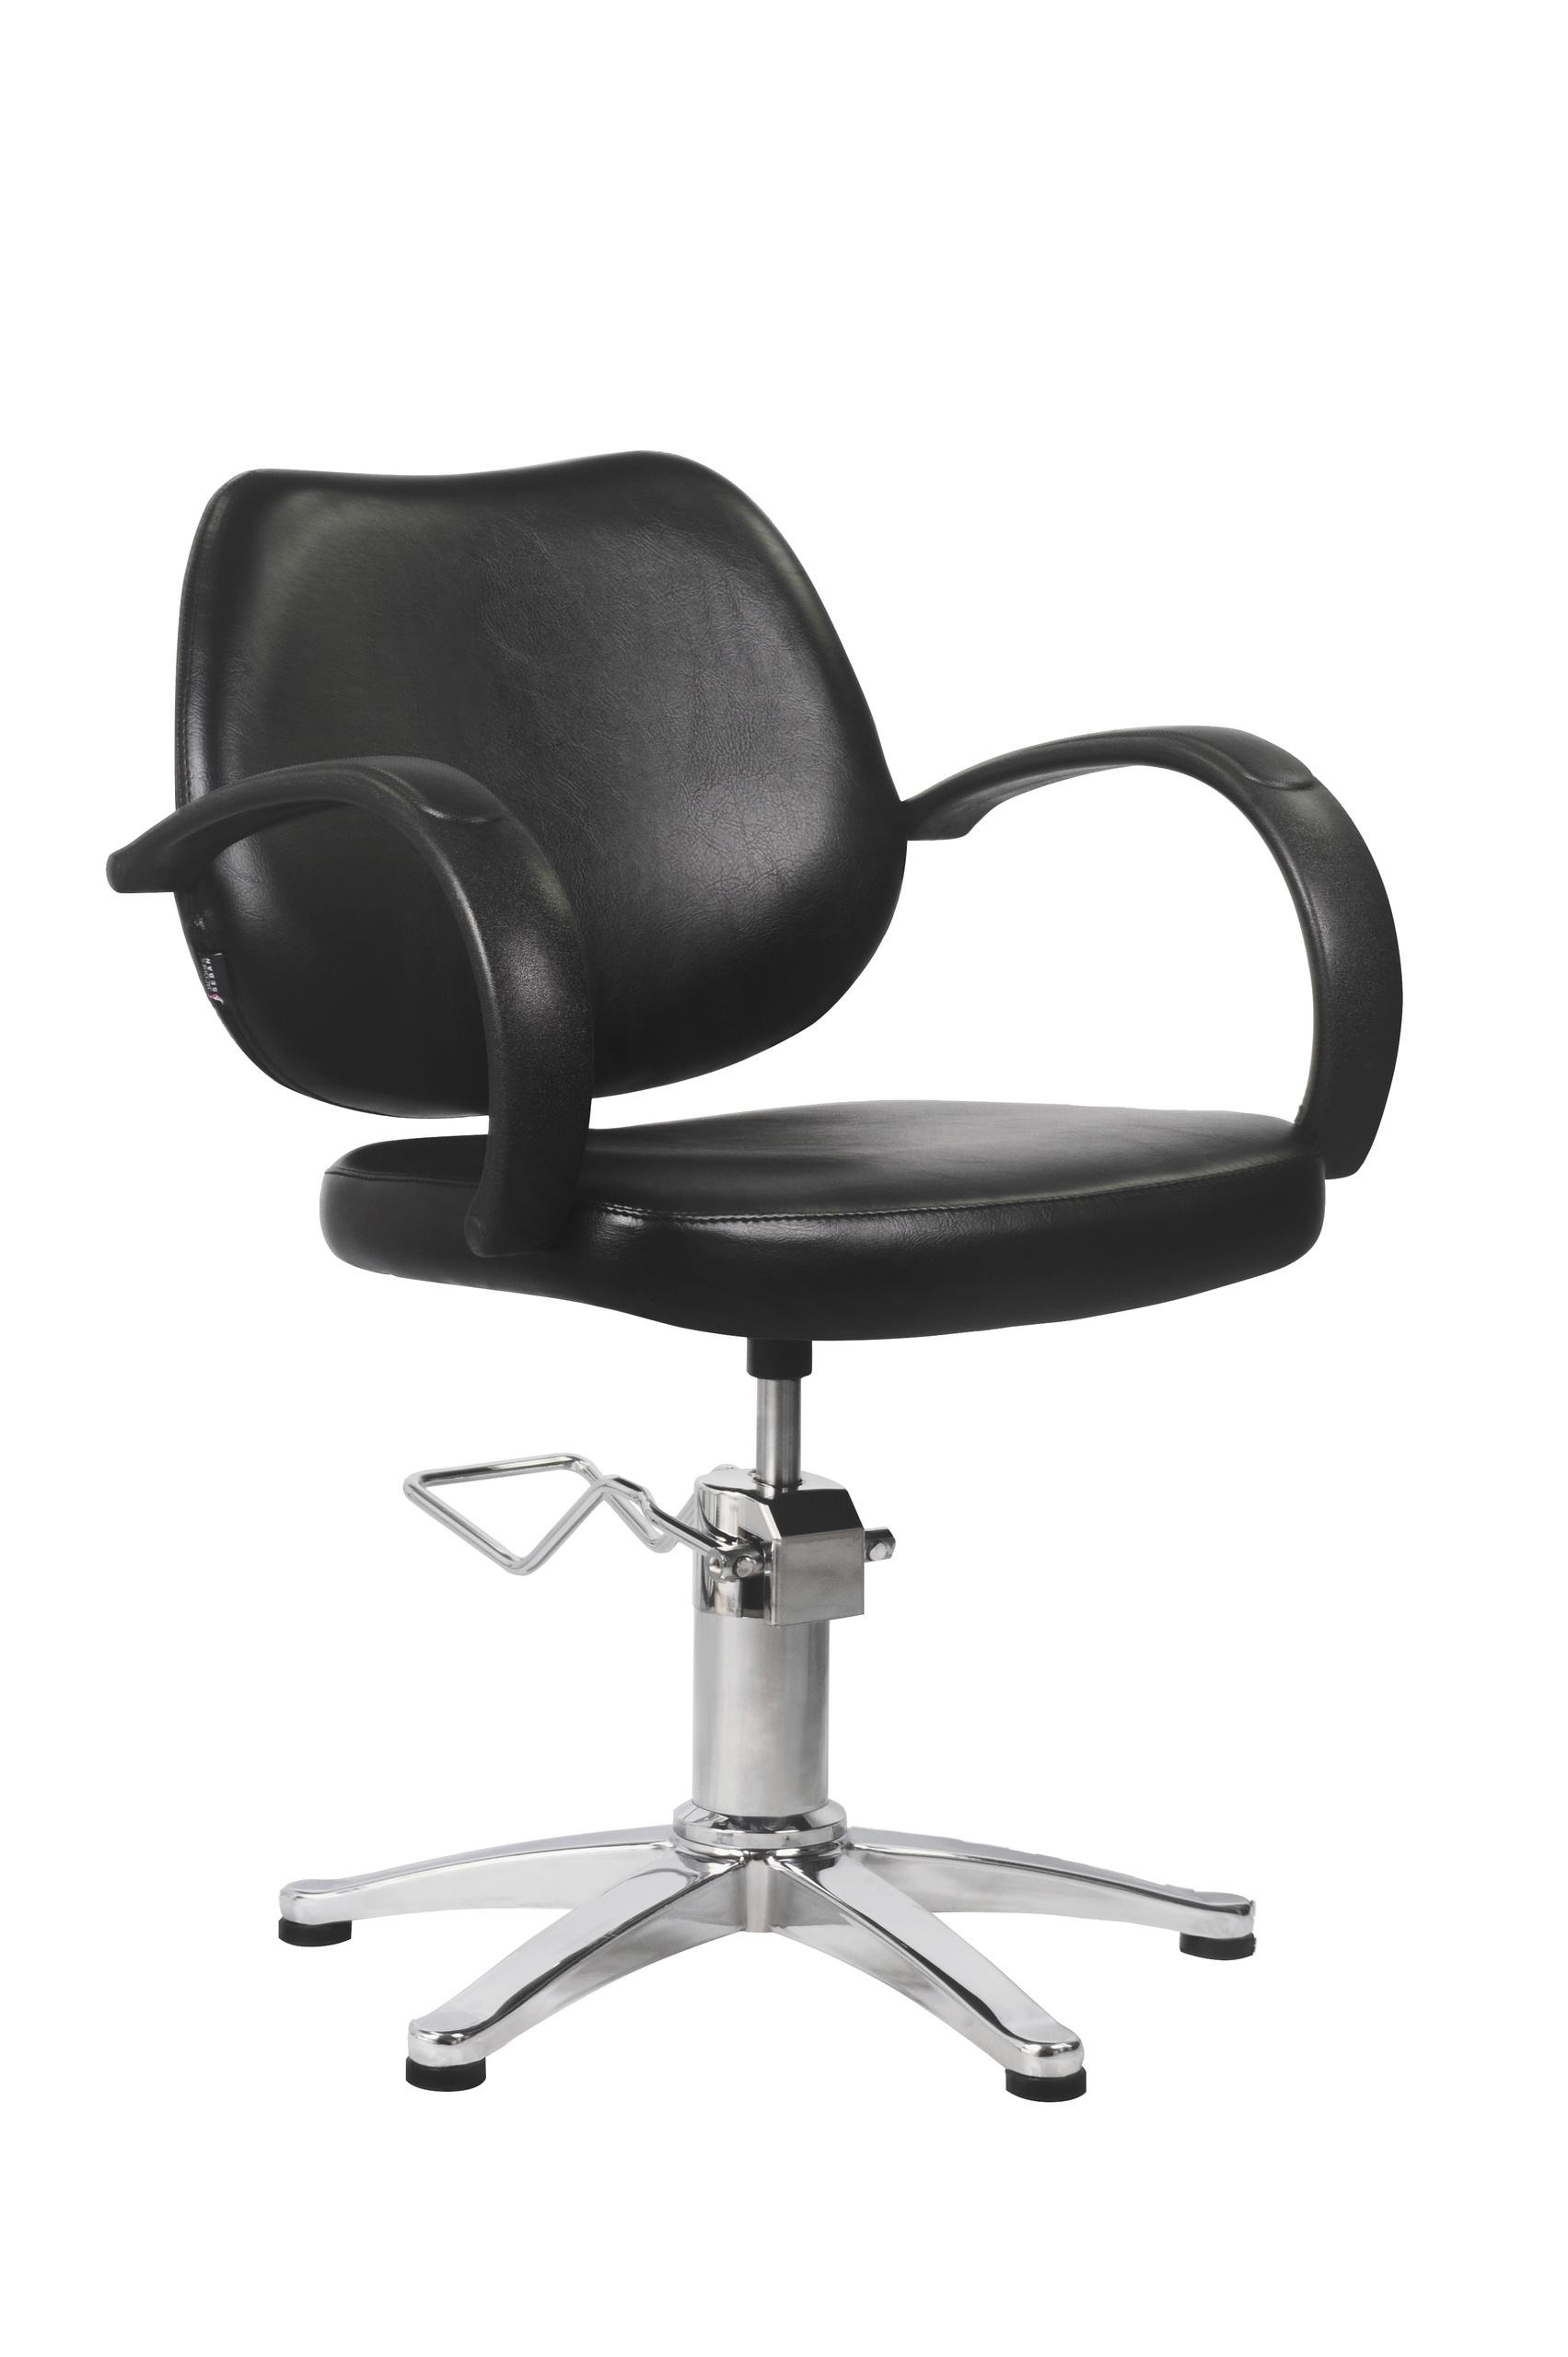 Fauteuil de coiffure seattle jacques seban noir fy07 jacques seban - Fauteuil de coiffeur ...